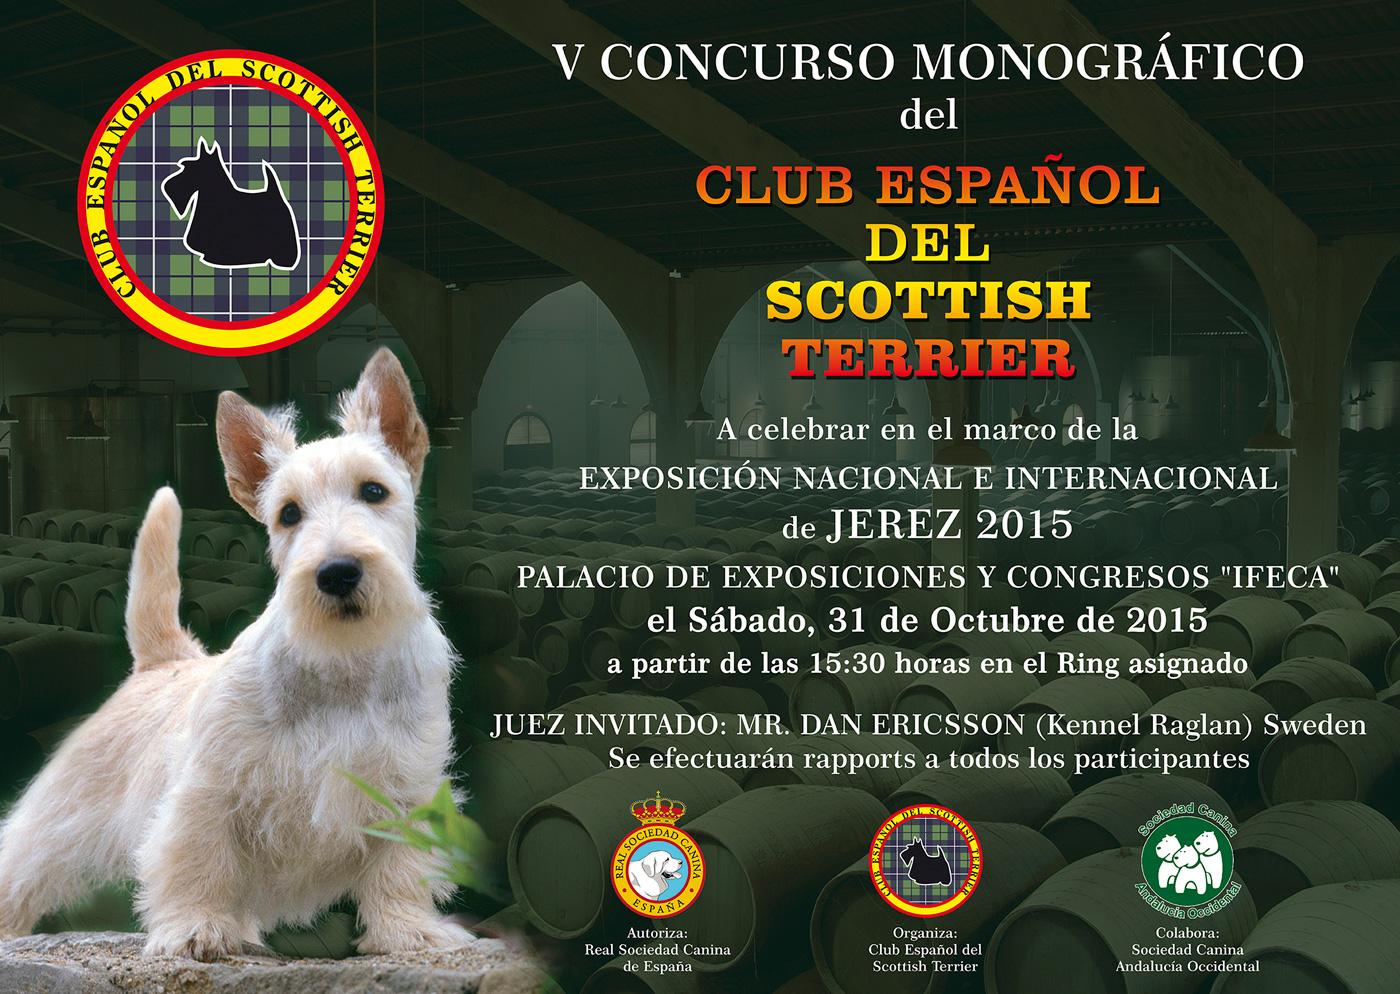 V Concurso Monografico Jerez pieza WEB cara A 1400